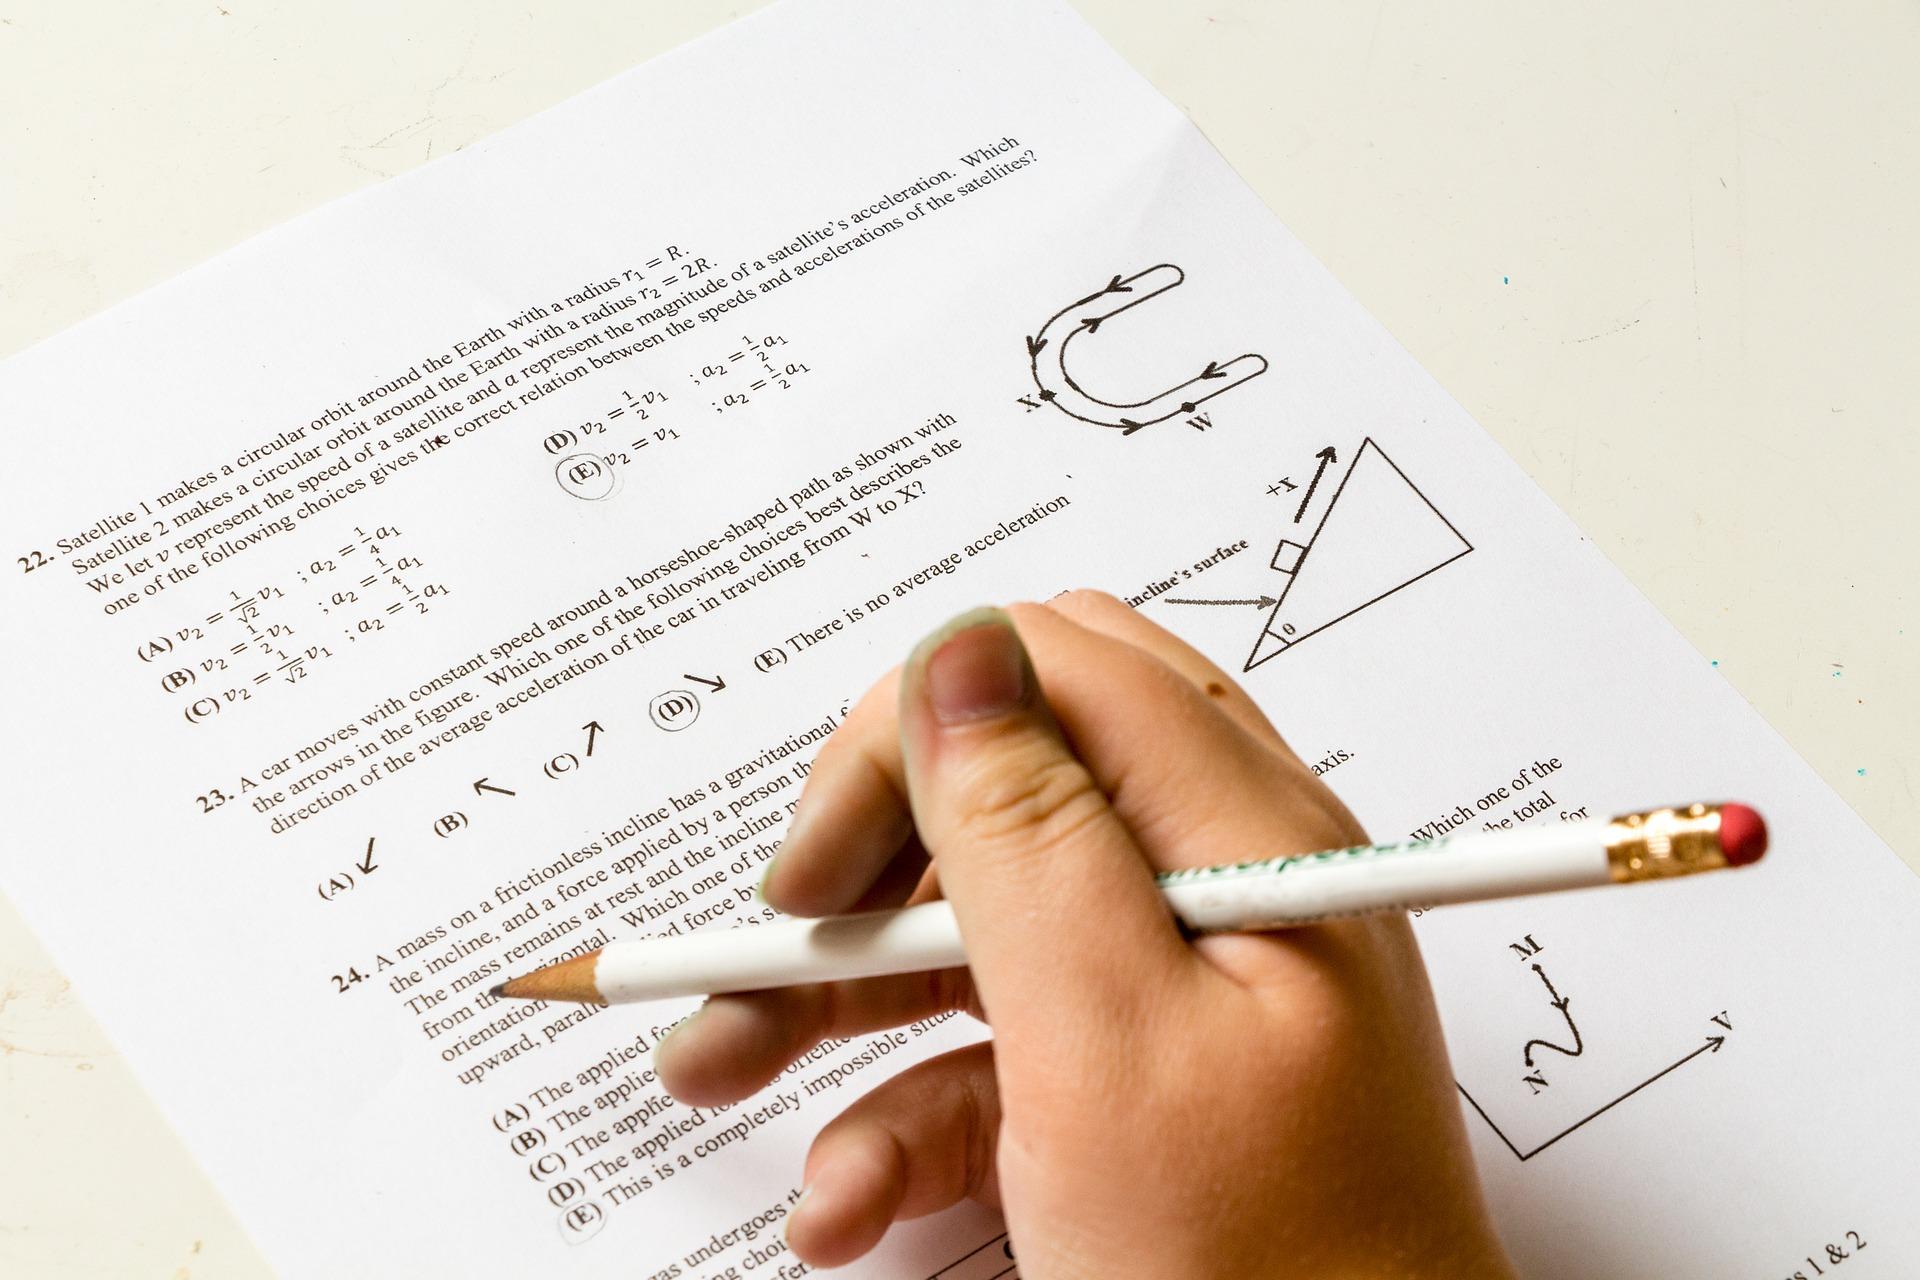 Wyprawka dla studenta: co kupić na zbliżający się rok akademicki?